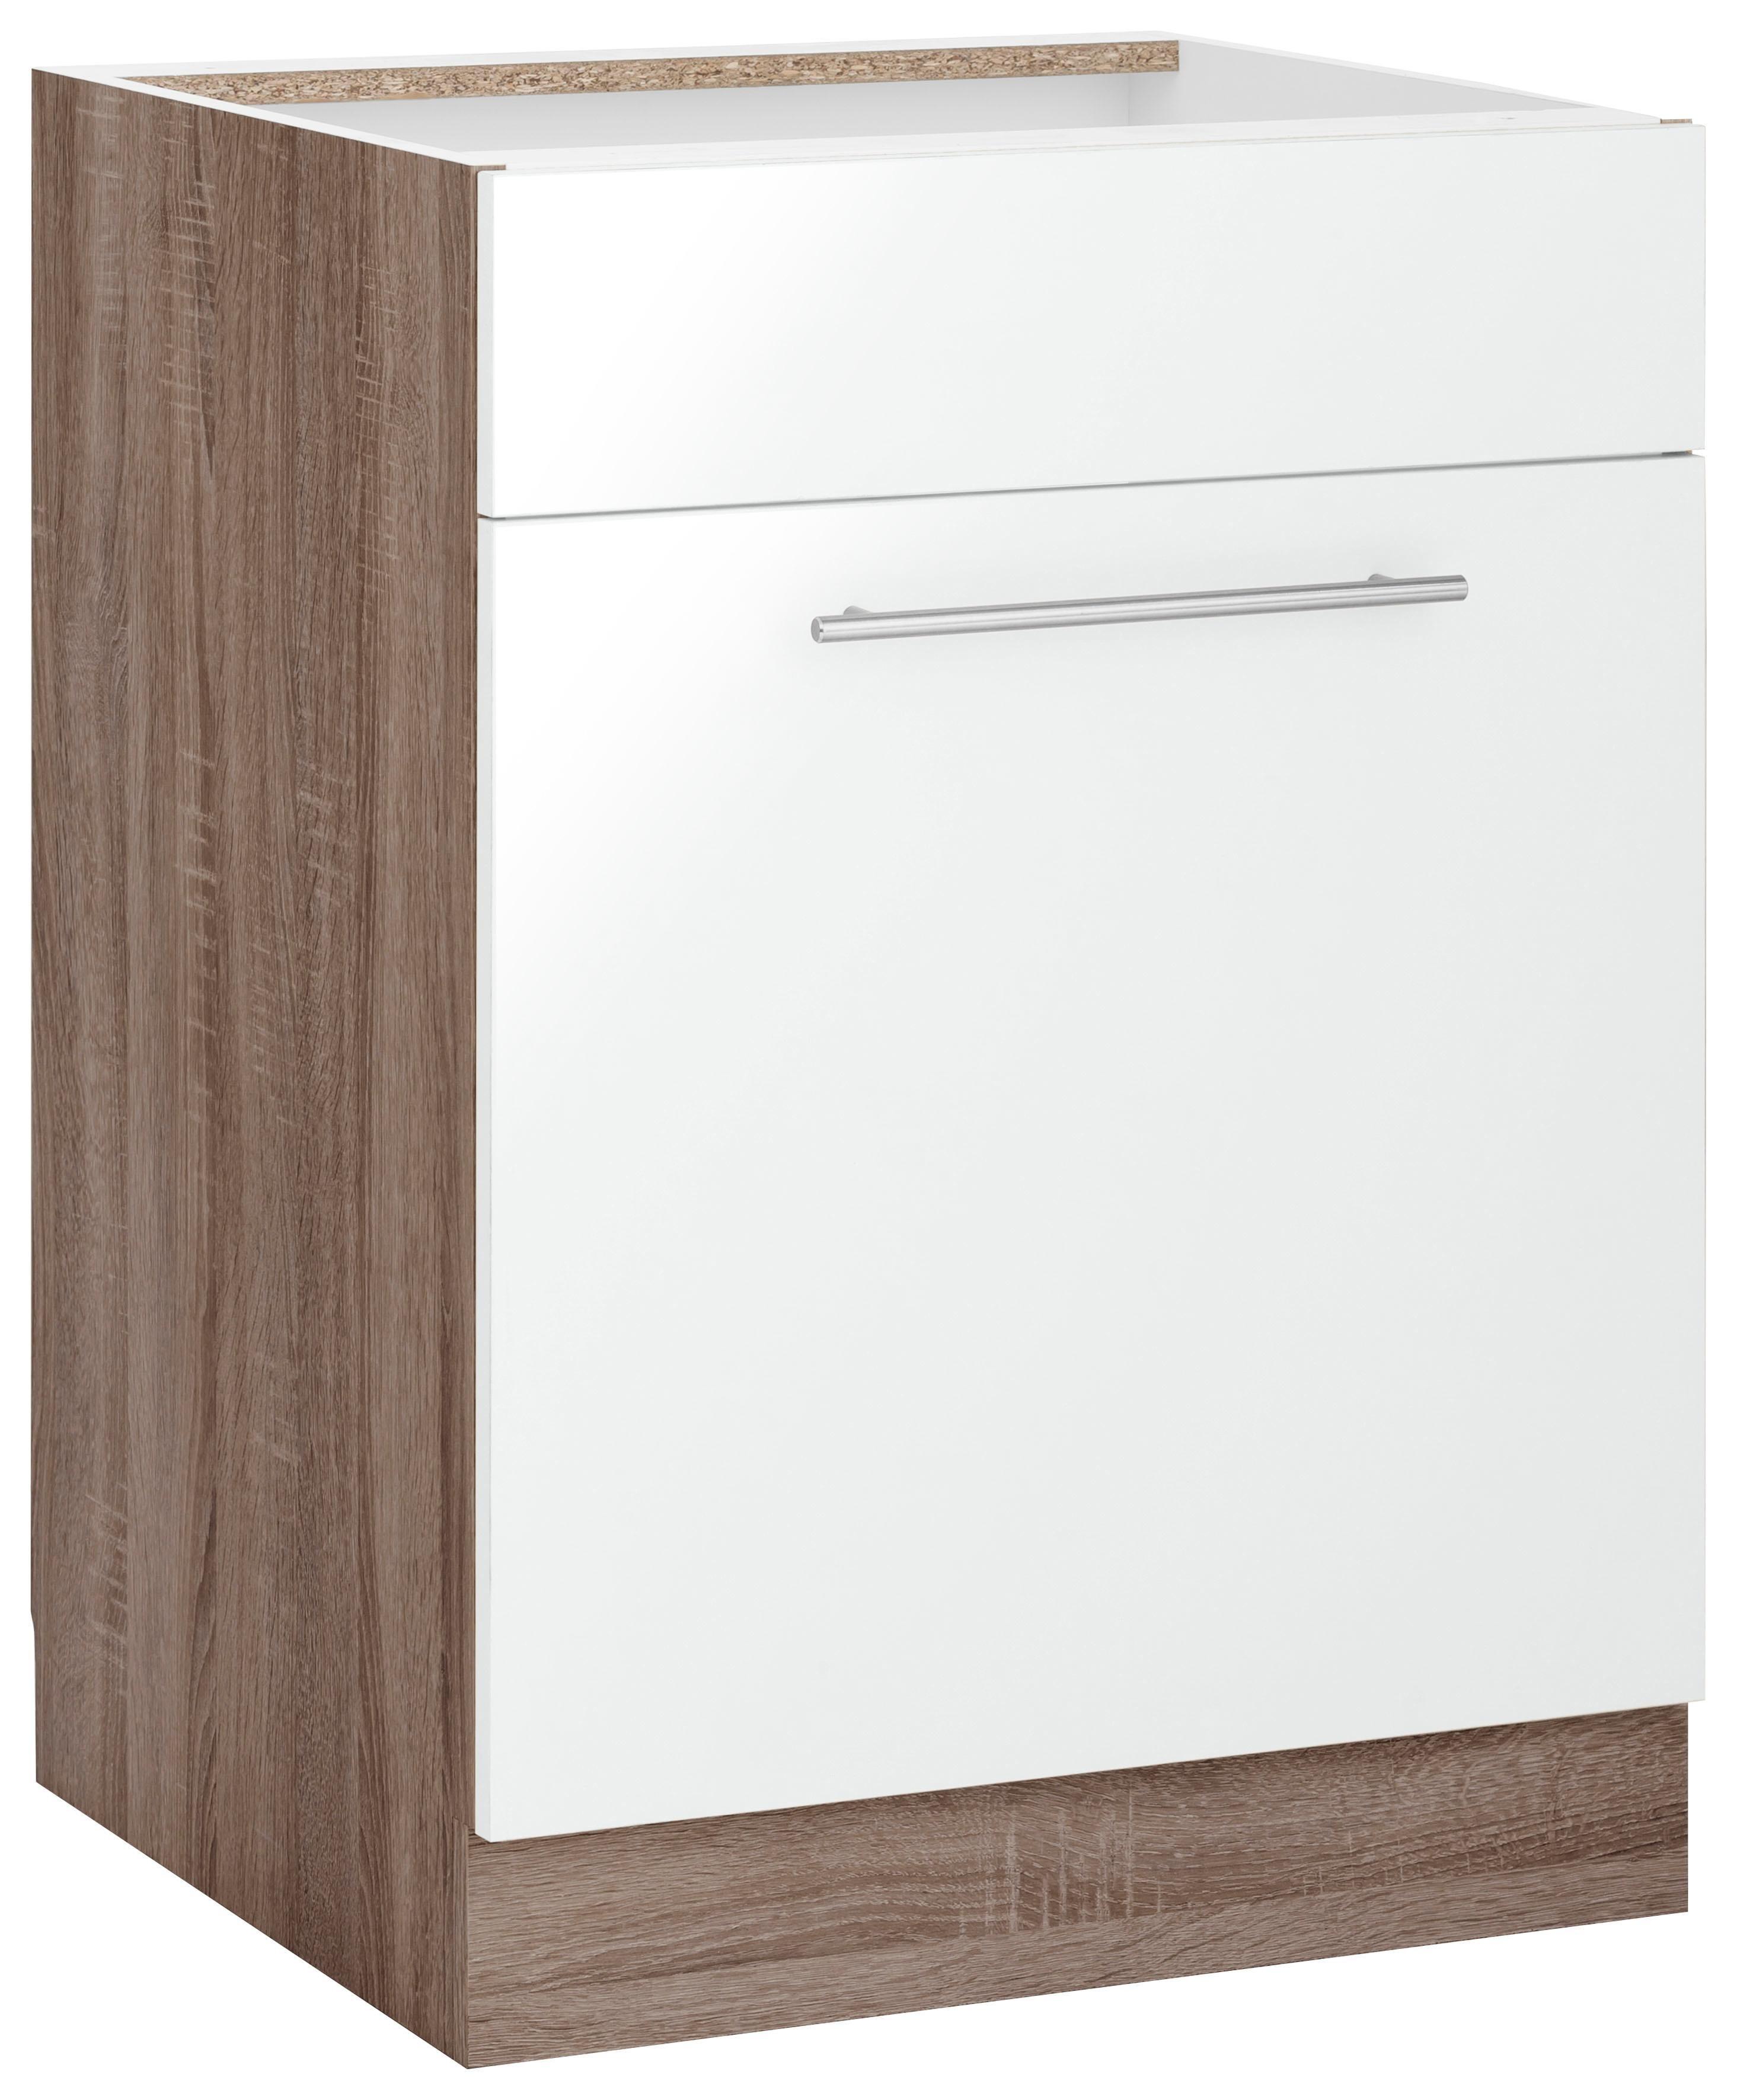 WIHO-Küchen Spülenschrank »Flexi2«, Breite 60 cm | Küche und Esszimmer > Küchenschränke > Spülenschränke | Weiß - Rot - Glanz | Melamin | wiho Küchen